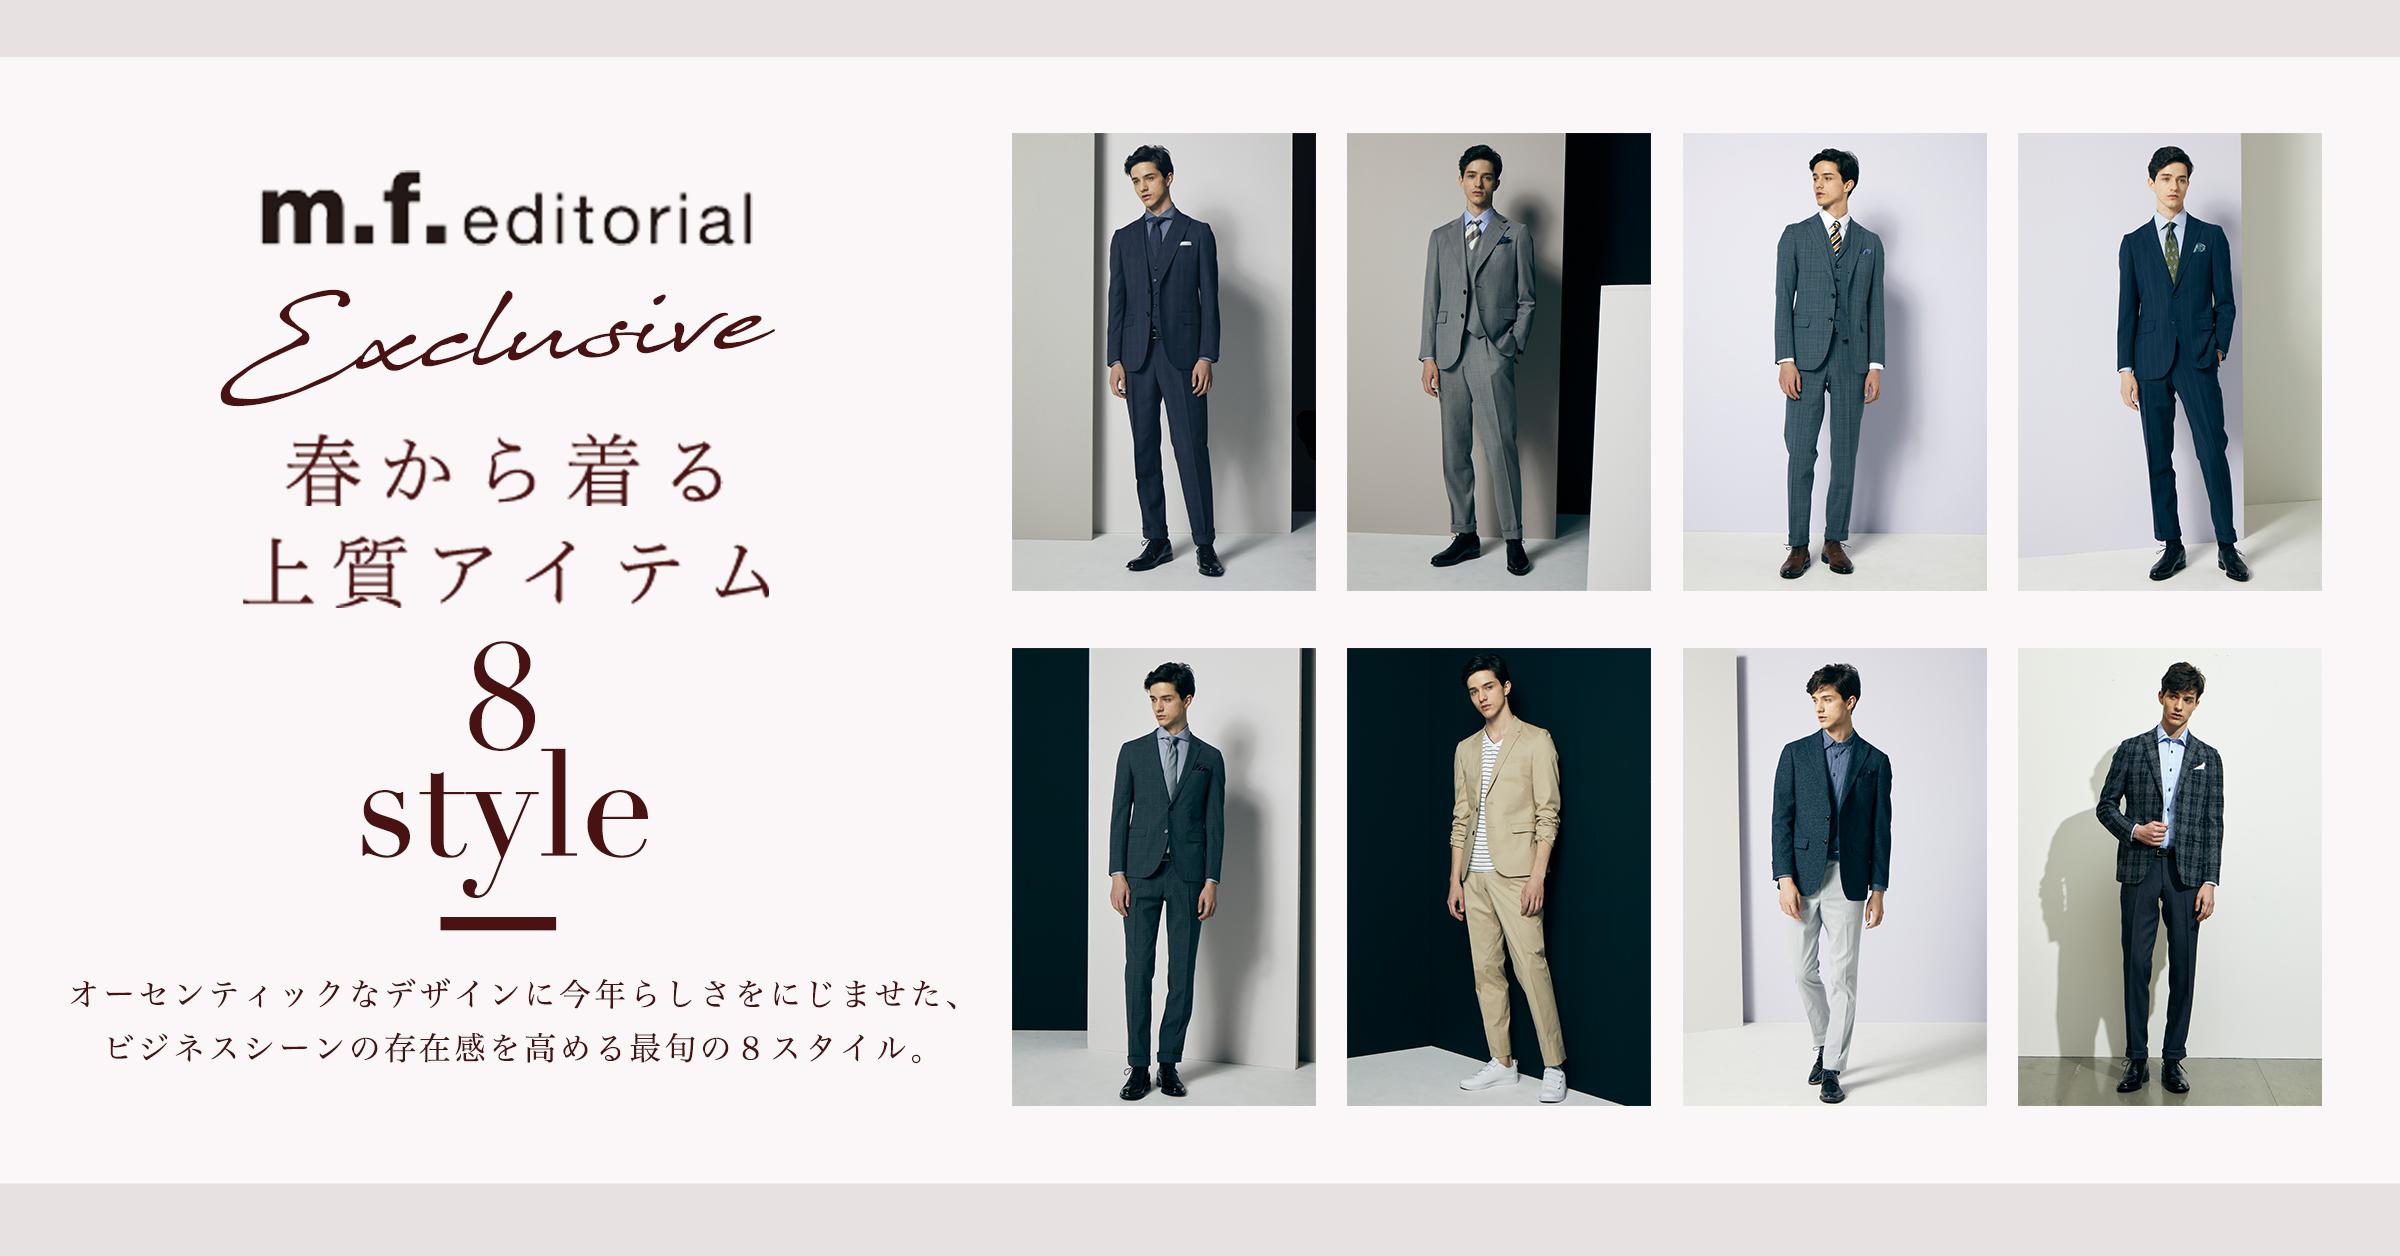 m.f.editorial 春から着る上質アイテム8style